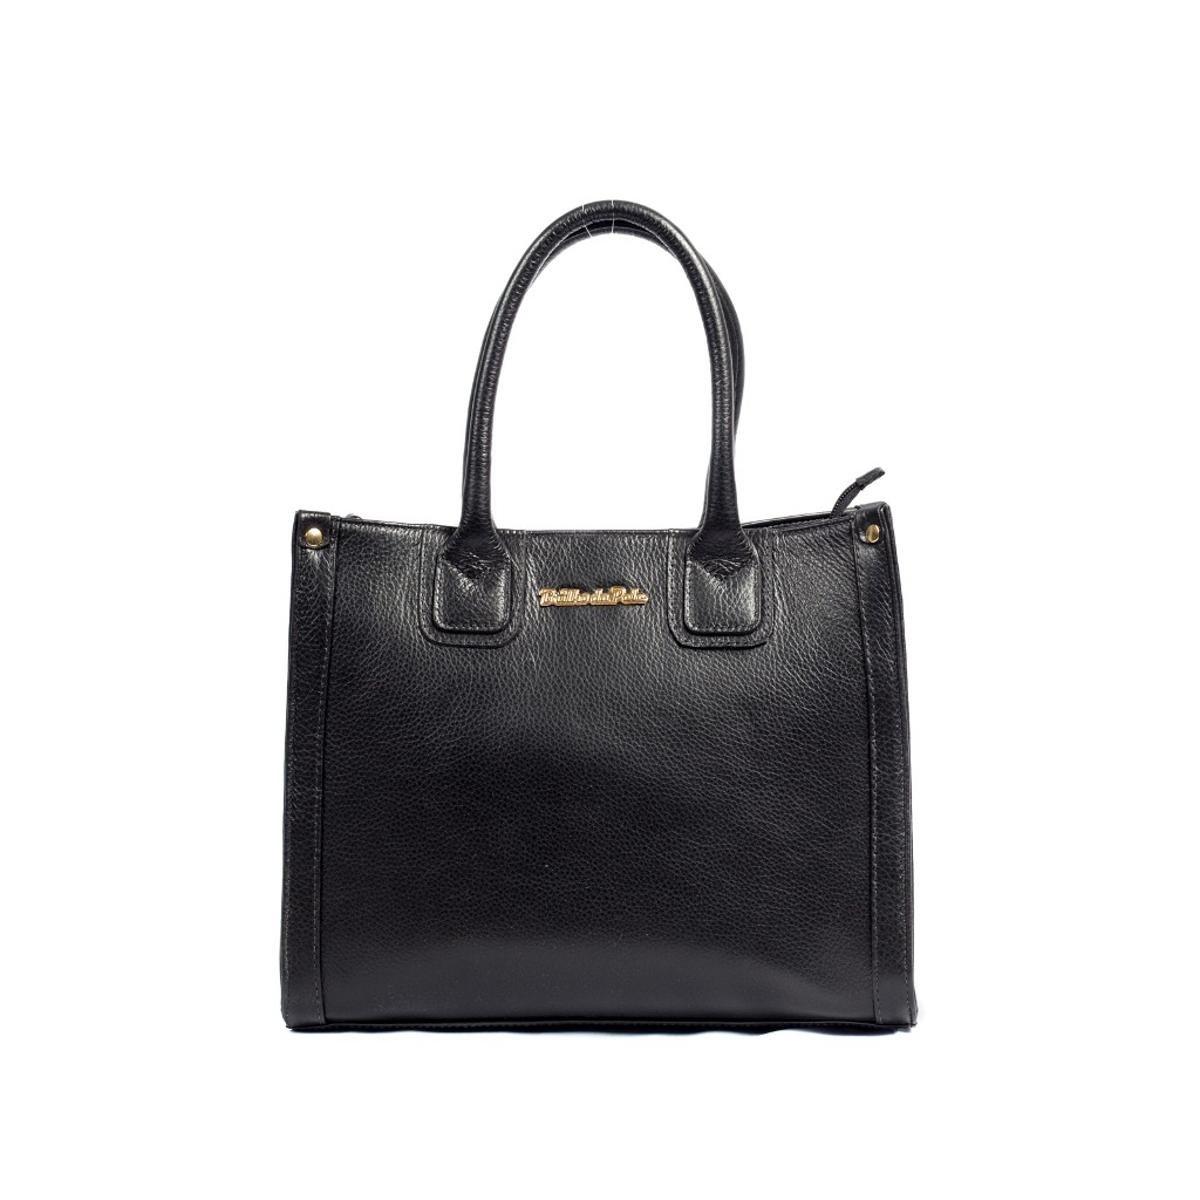 db0c743d1 Bolsa Couro Legítimo Handbag Brilho da Pele Feminina - Preto - Compre Agora  | Zattini